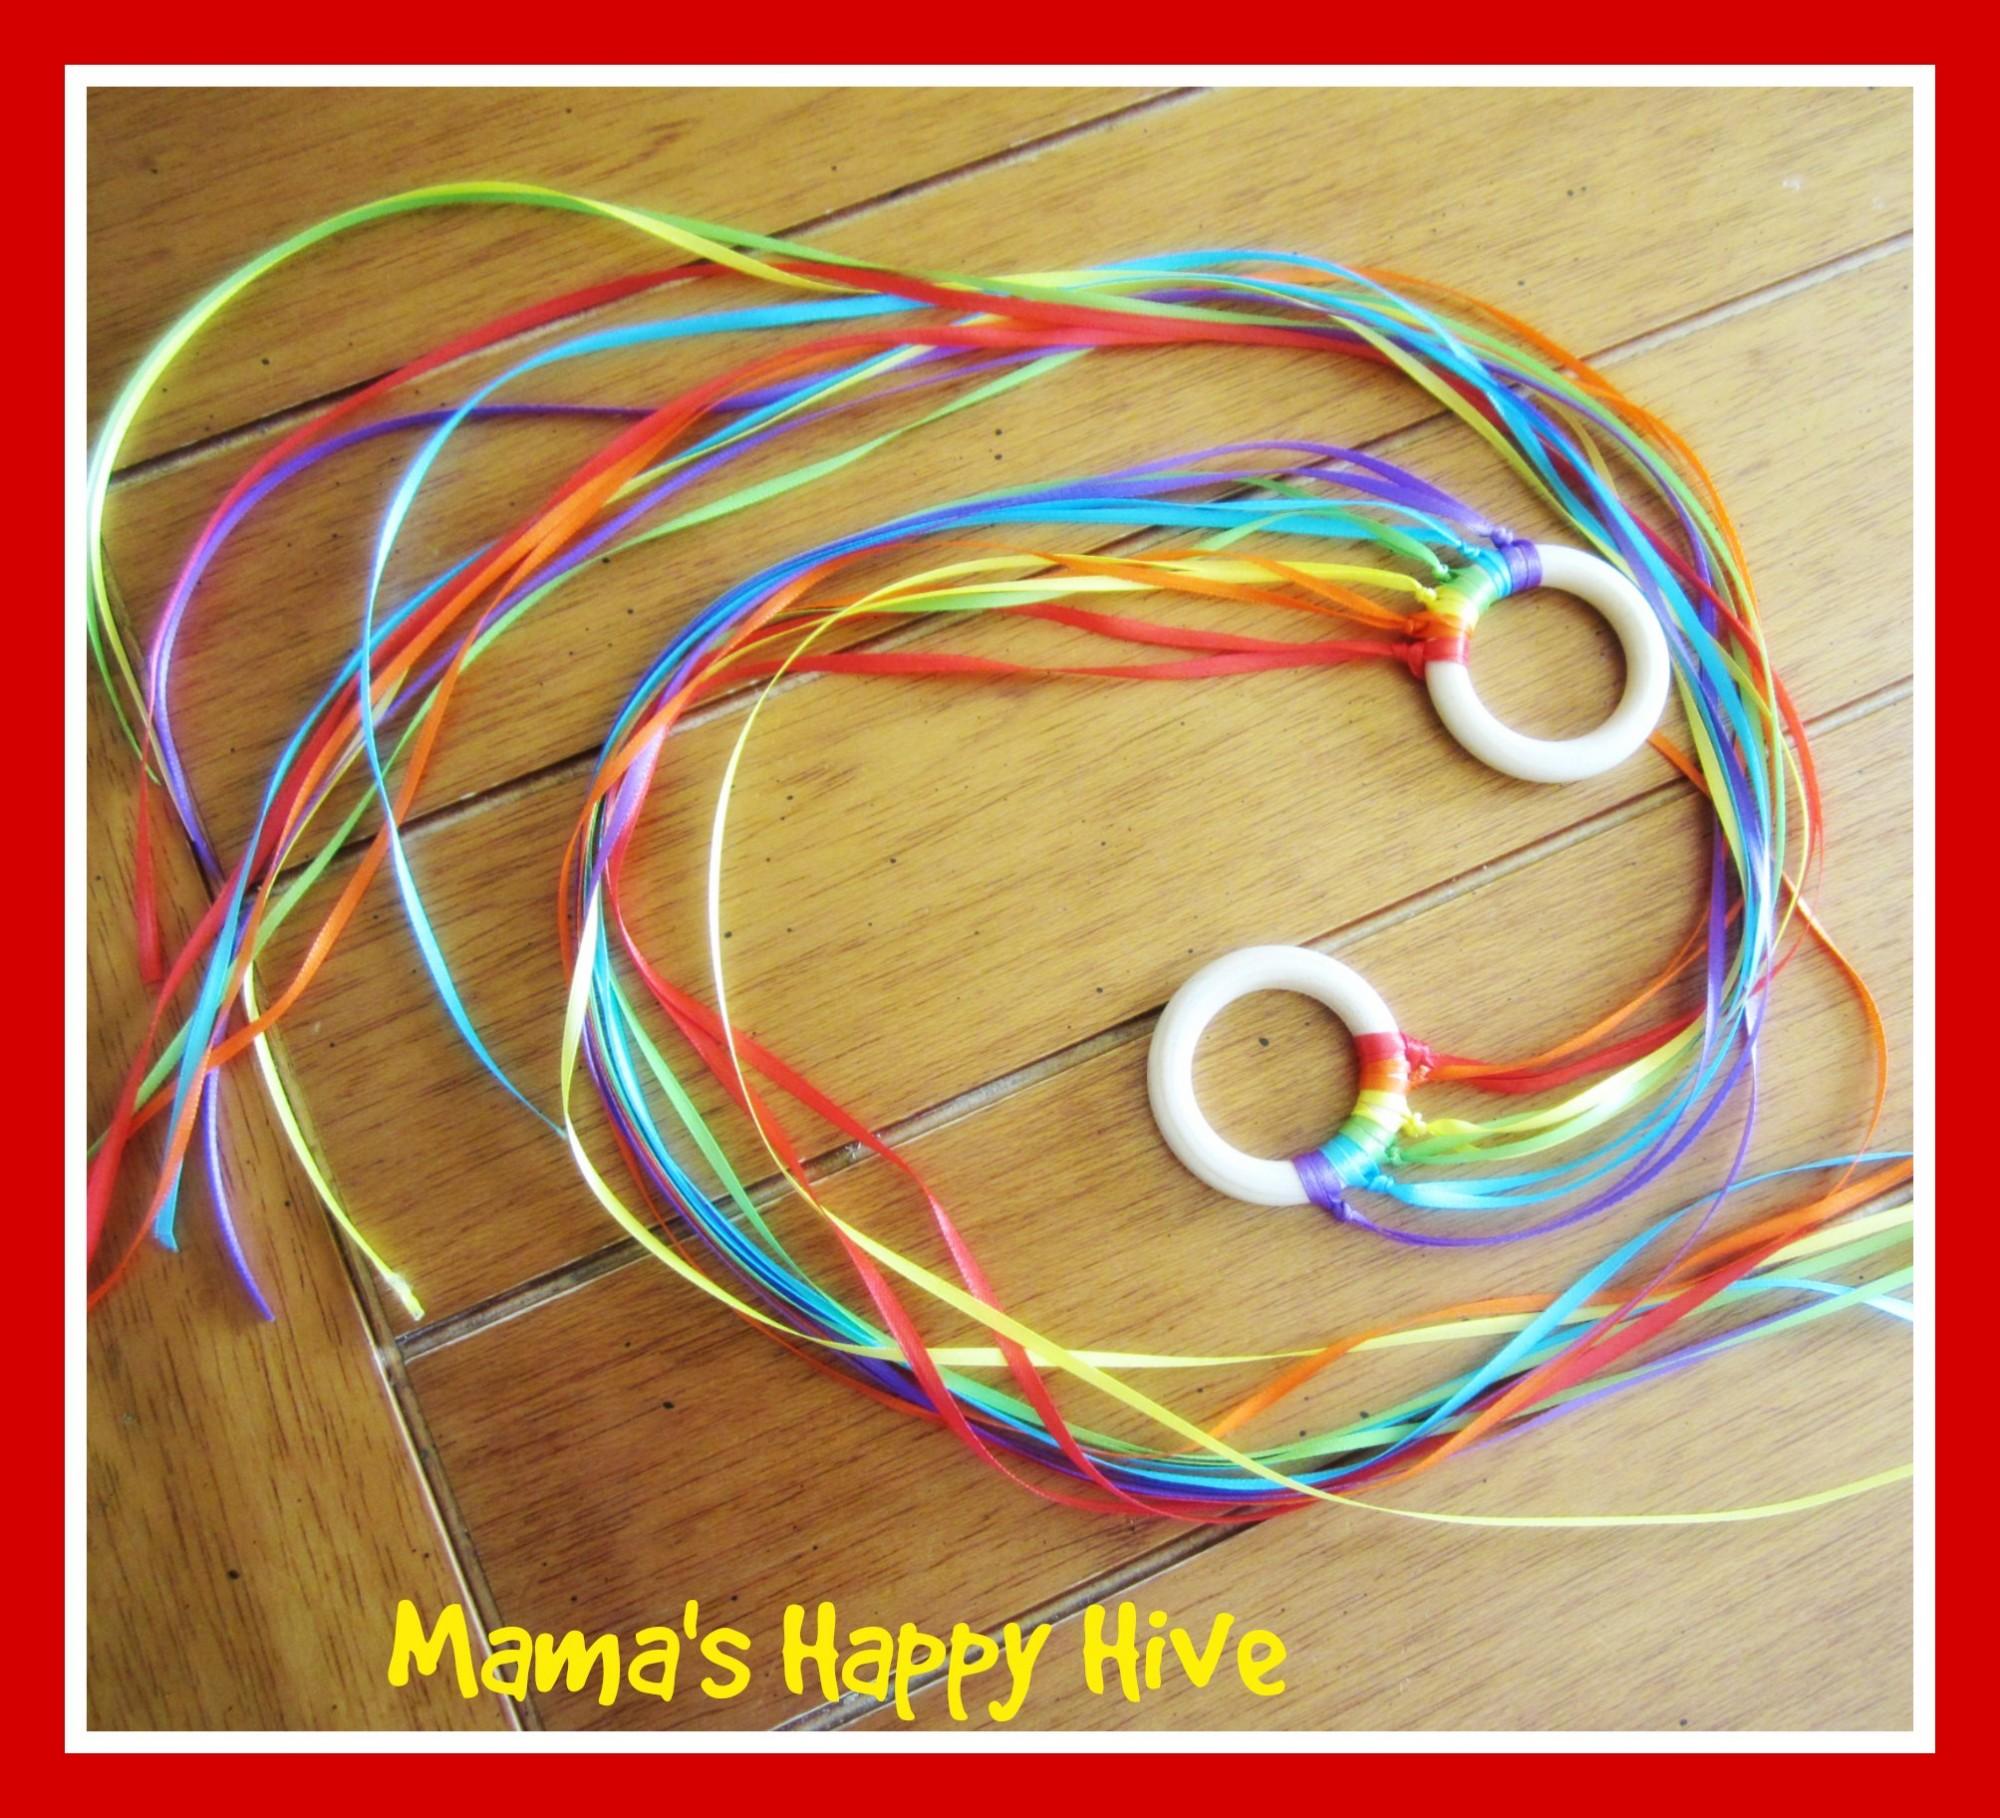 Rainbow Flyers - www.mamashappyhive.com